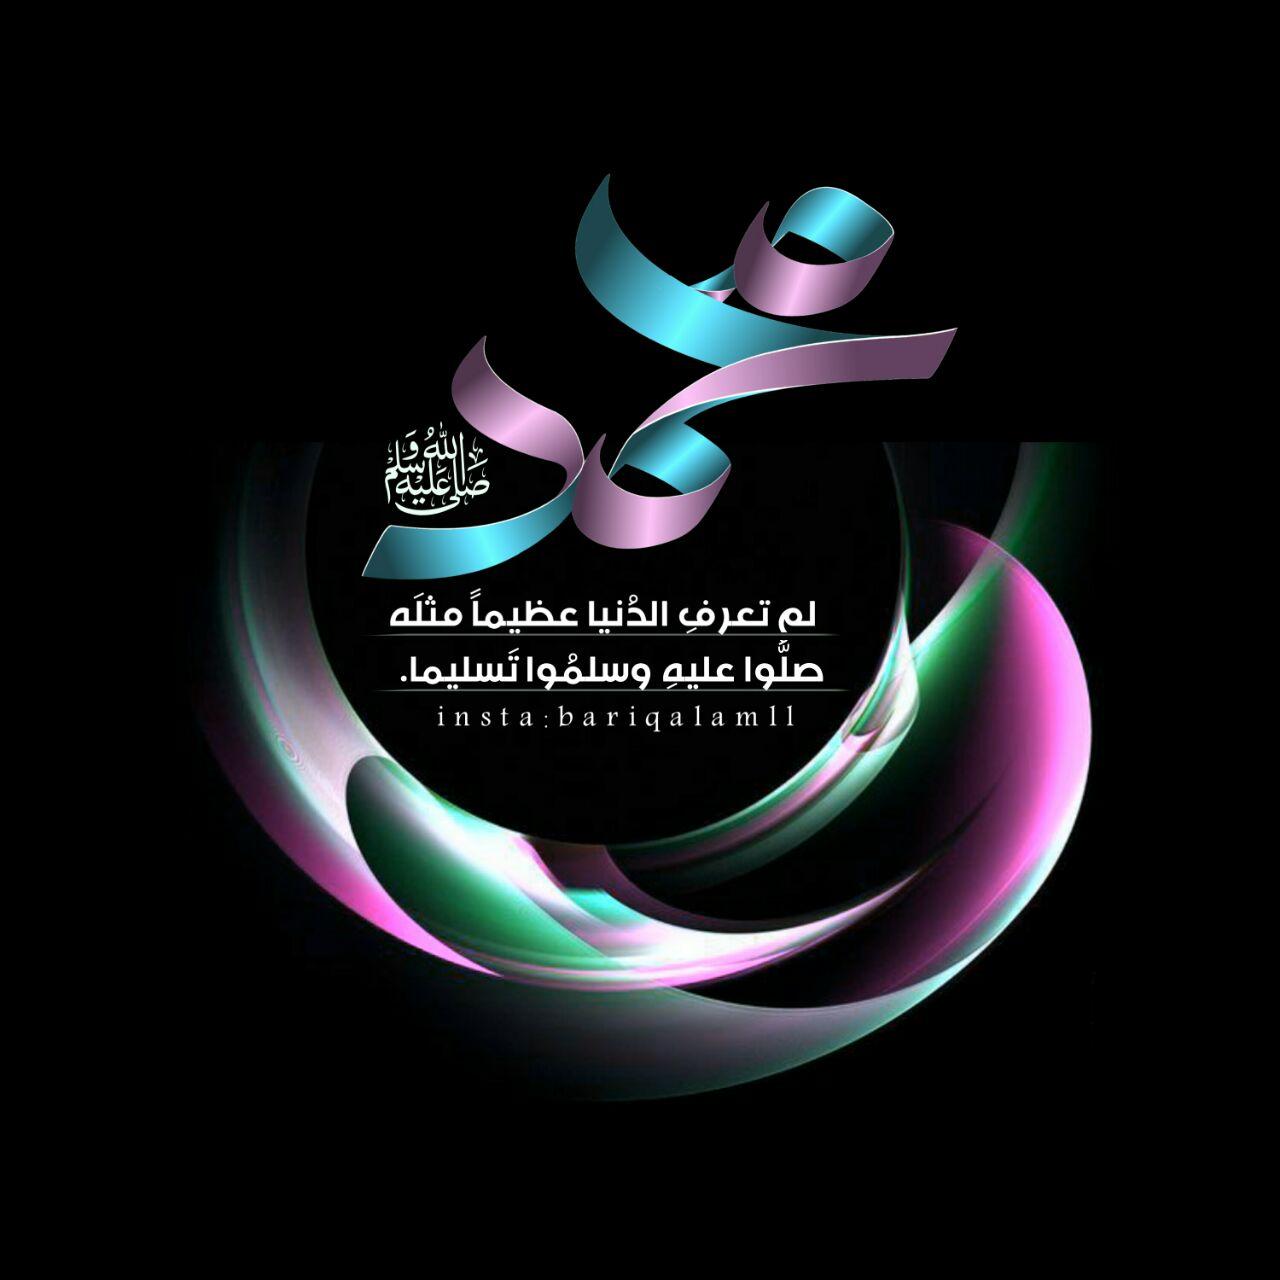 صلي الله عليك وسلم يا رسول الله Img_2070